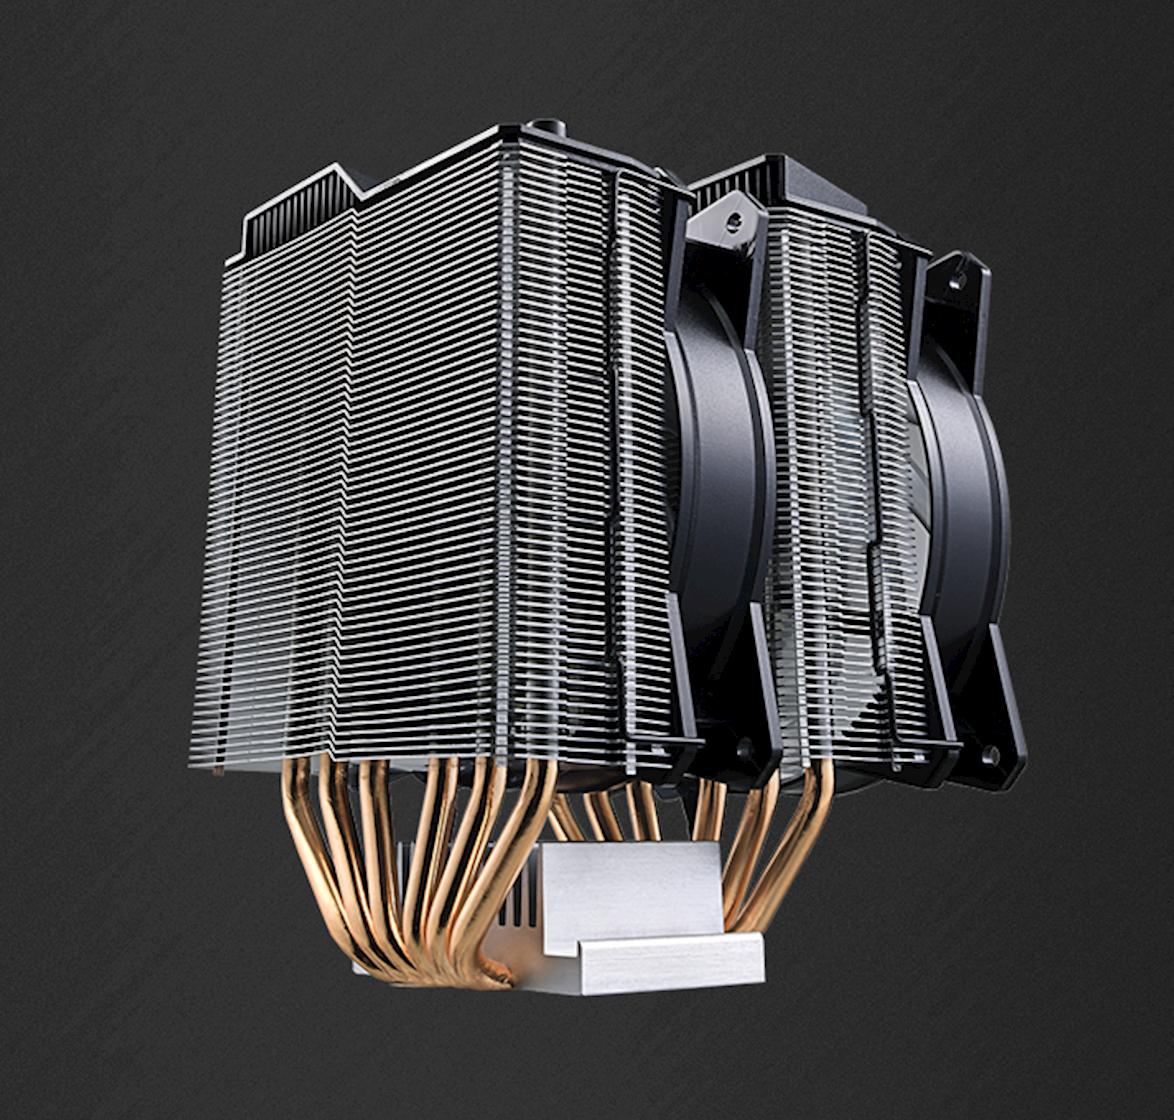 Dual Tower Heatsinks & Fans